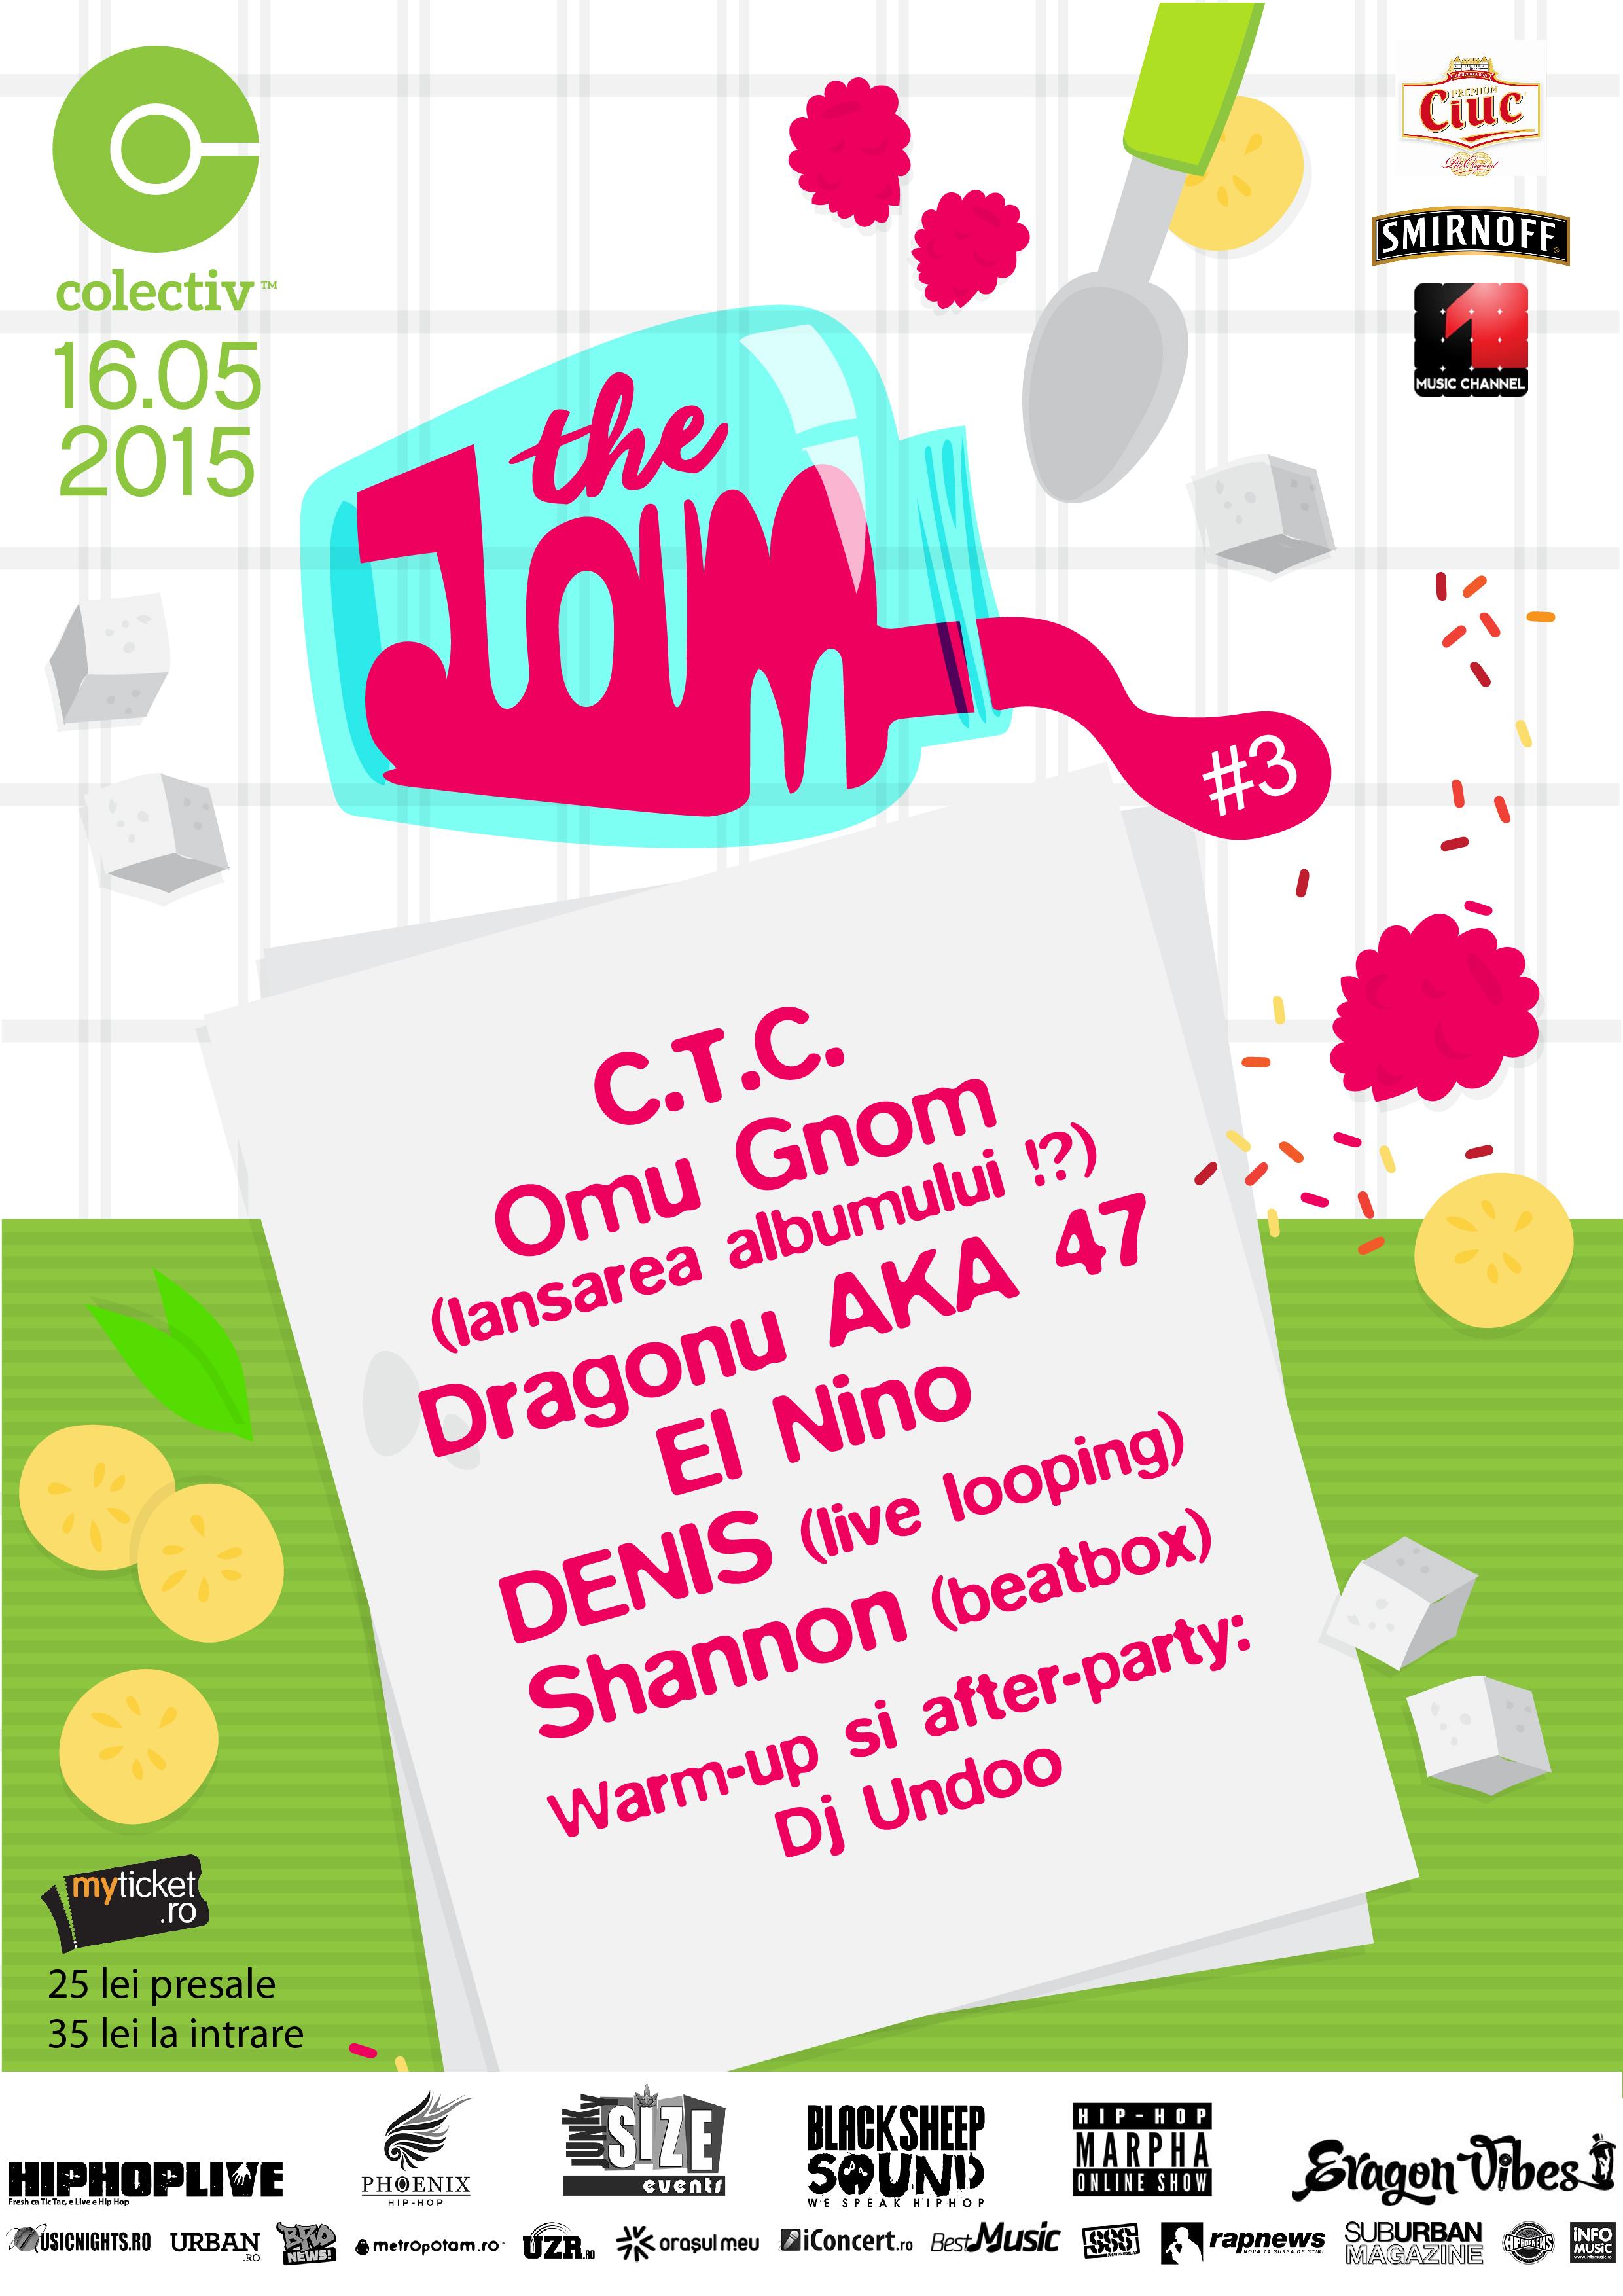 Afiș The Jam 3 în Colectiv pe 16 mai 2015